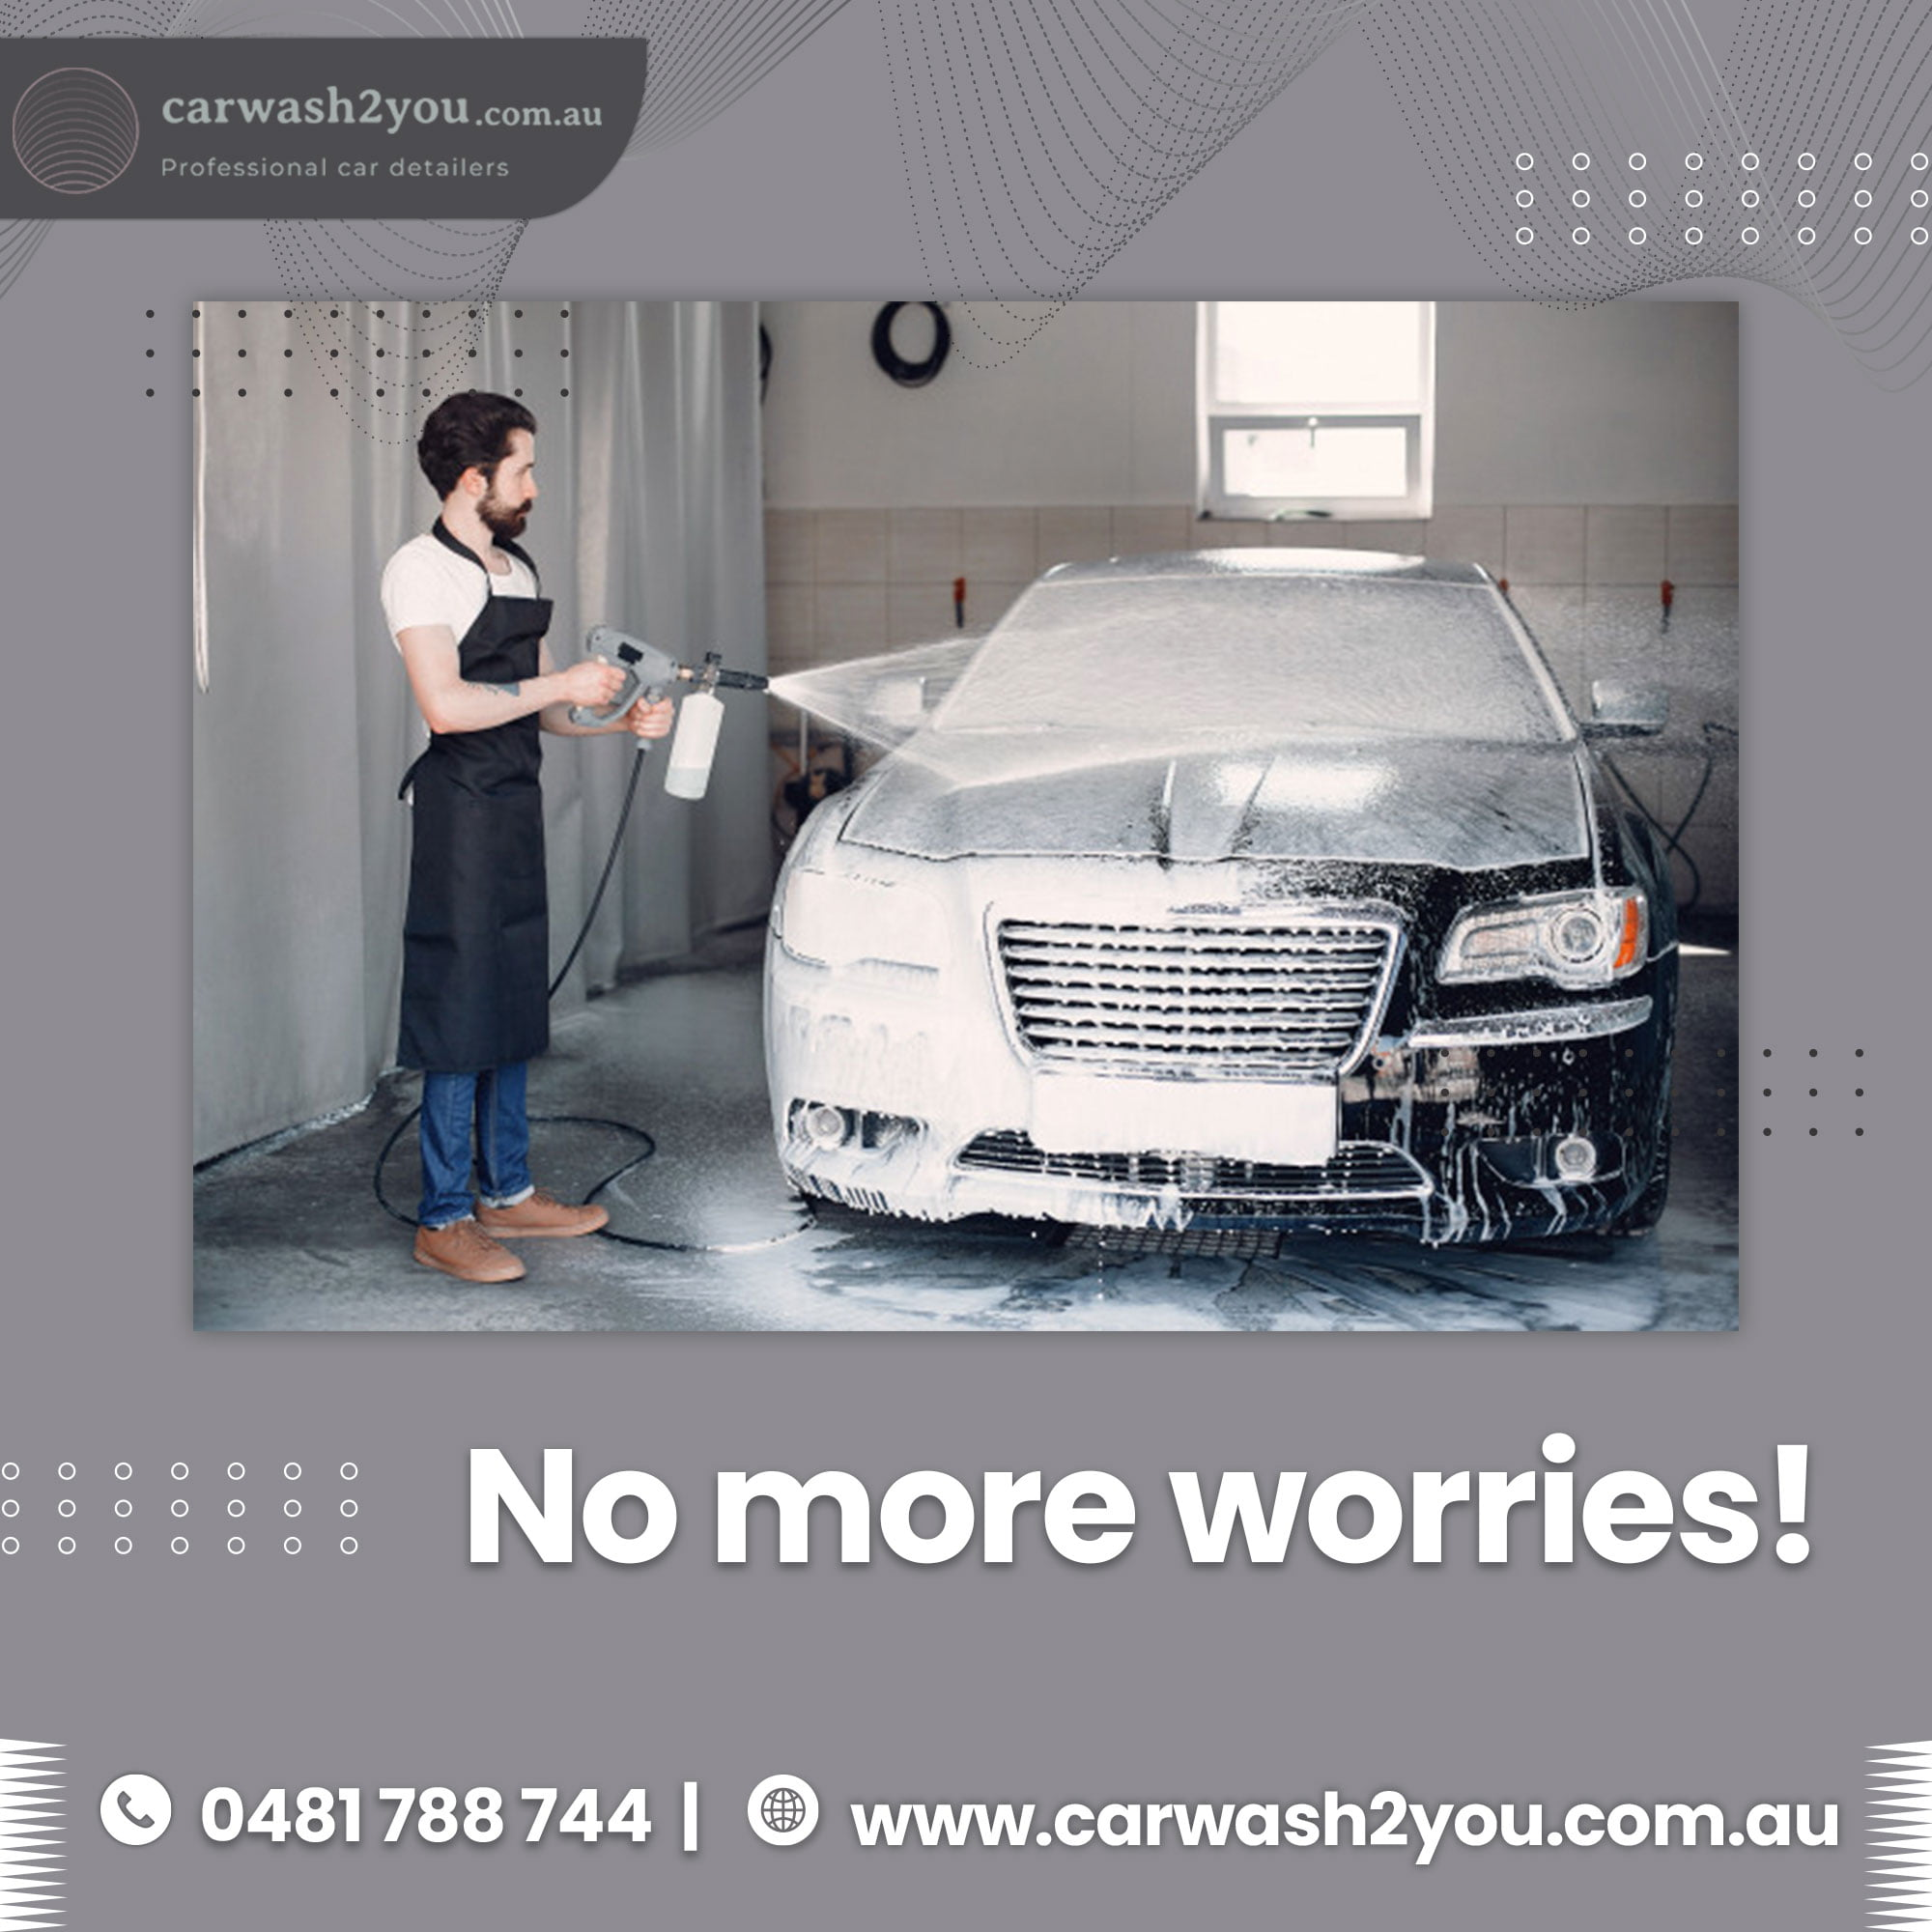 Mobile car washing